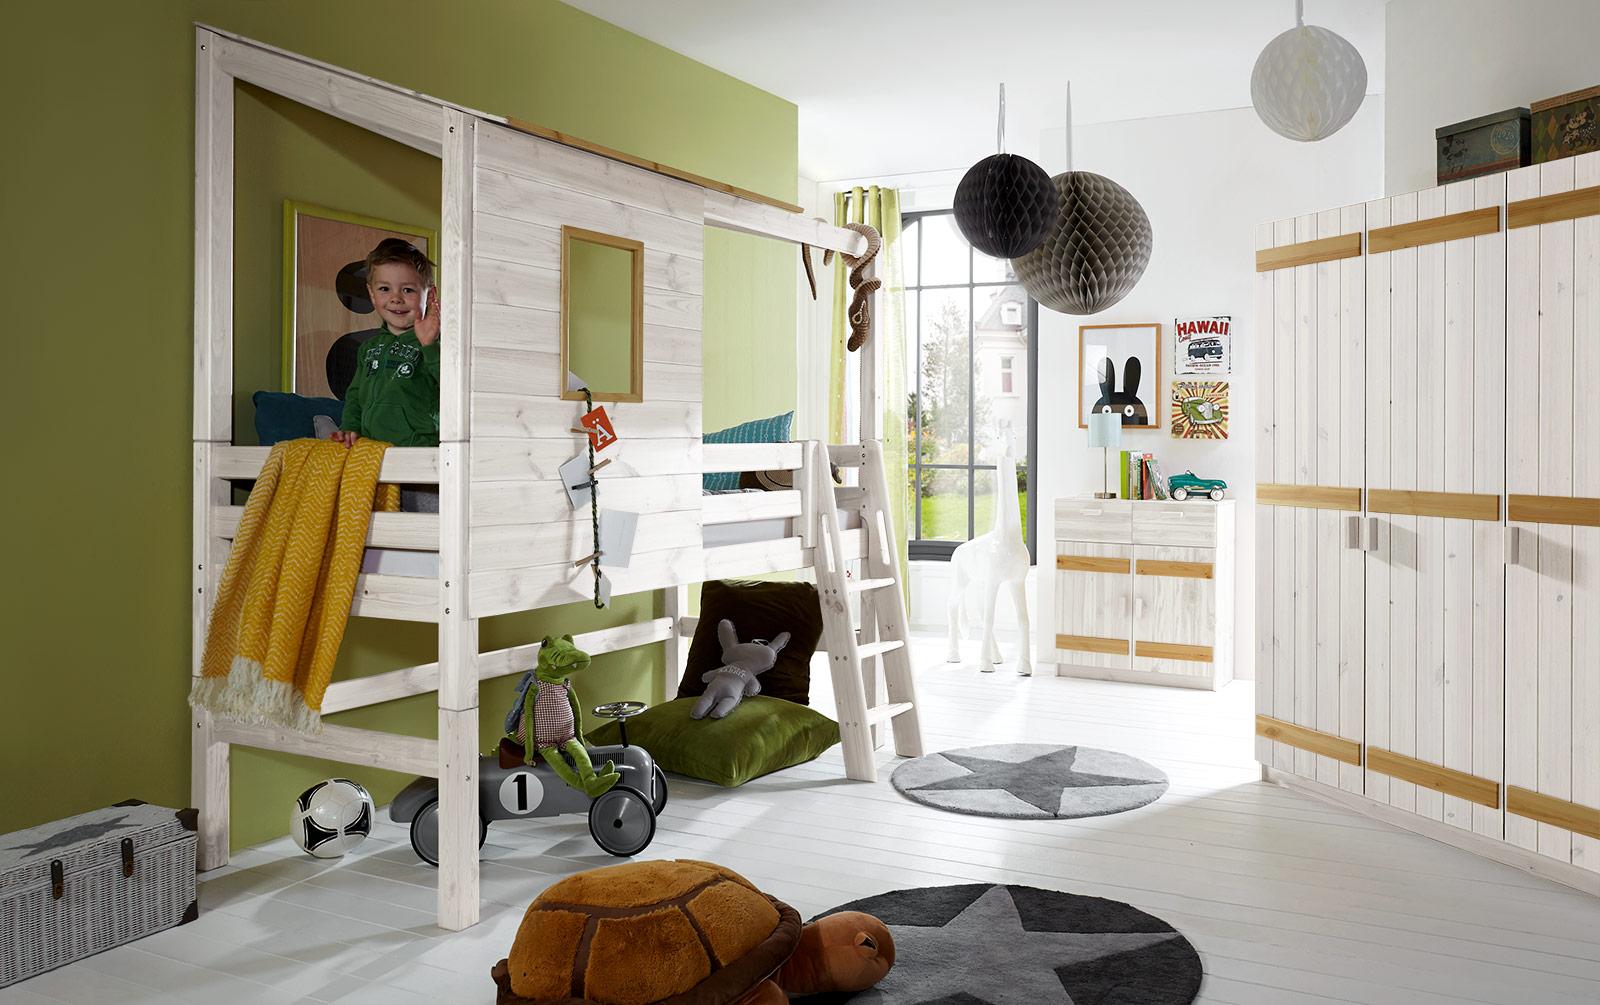 Full Size of Hochbetten Kinderzimmer Fr Das Erfahrungswerte Regal Weiß Sofa Regale Kinderzimmer Hochbetten Kinderzimmer